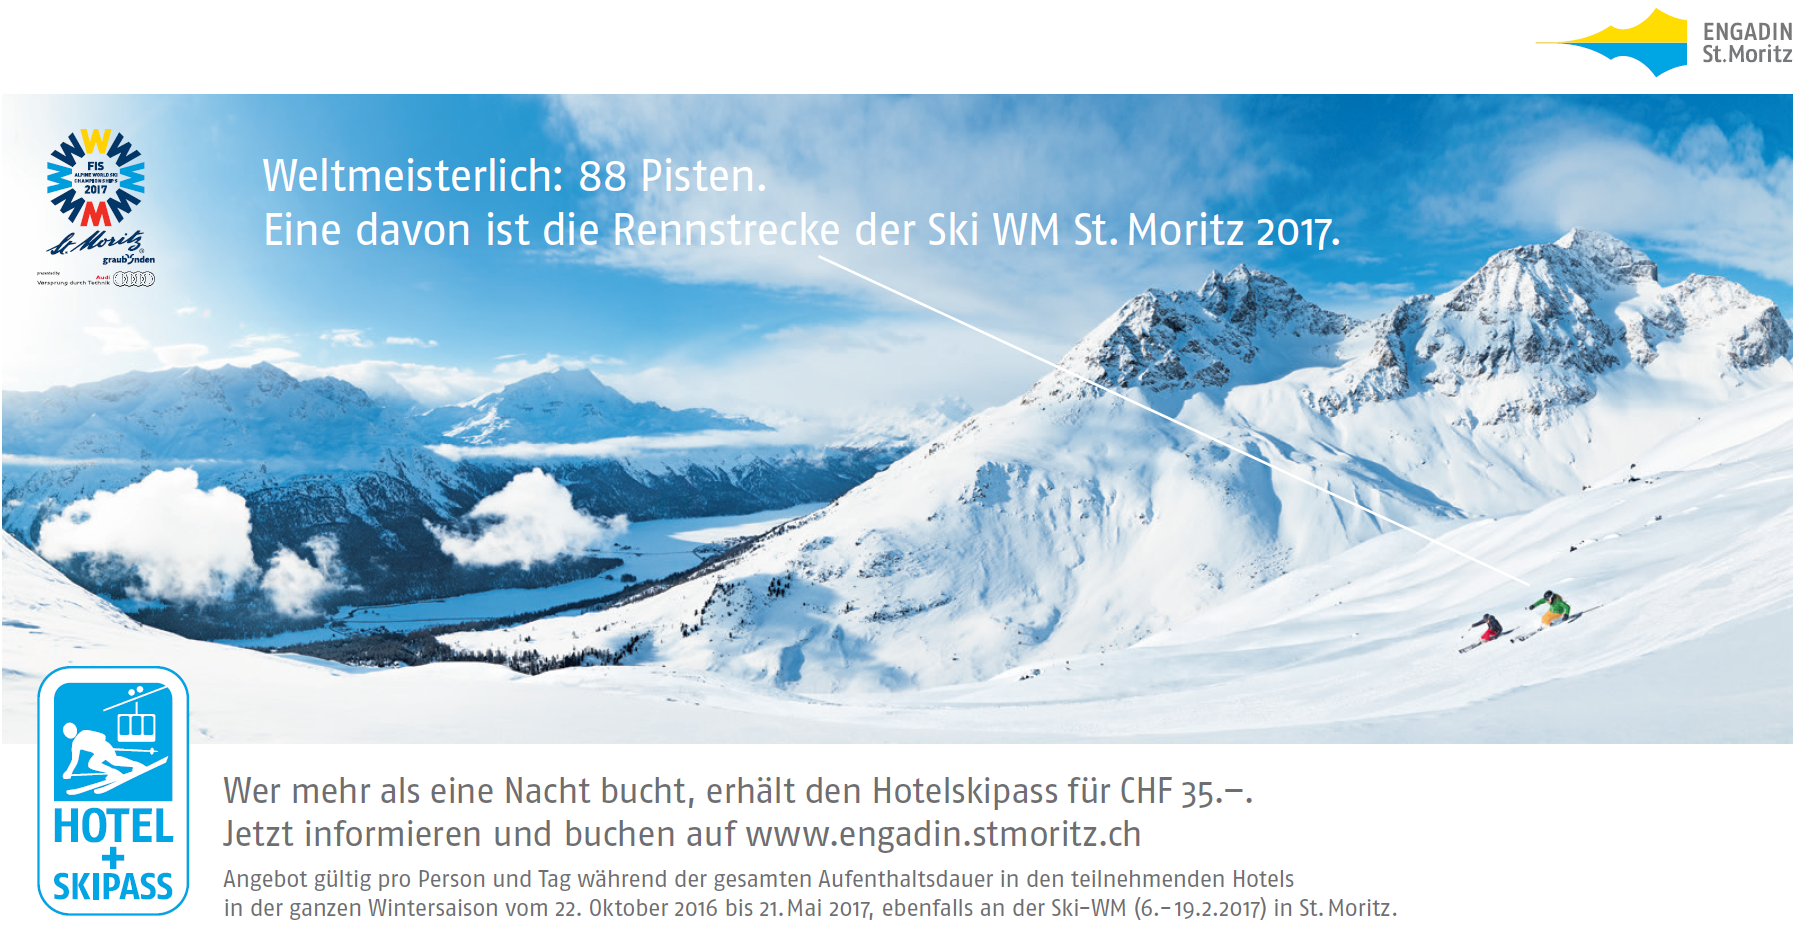 Lancierung der Winterkampagne 2016/2017 Slide 1